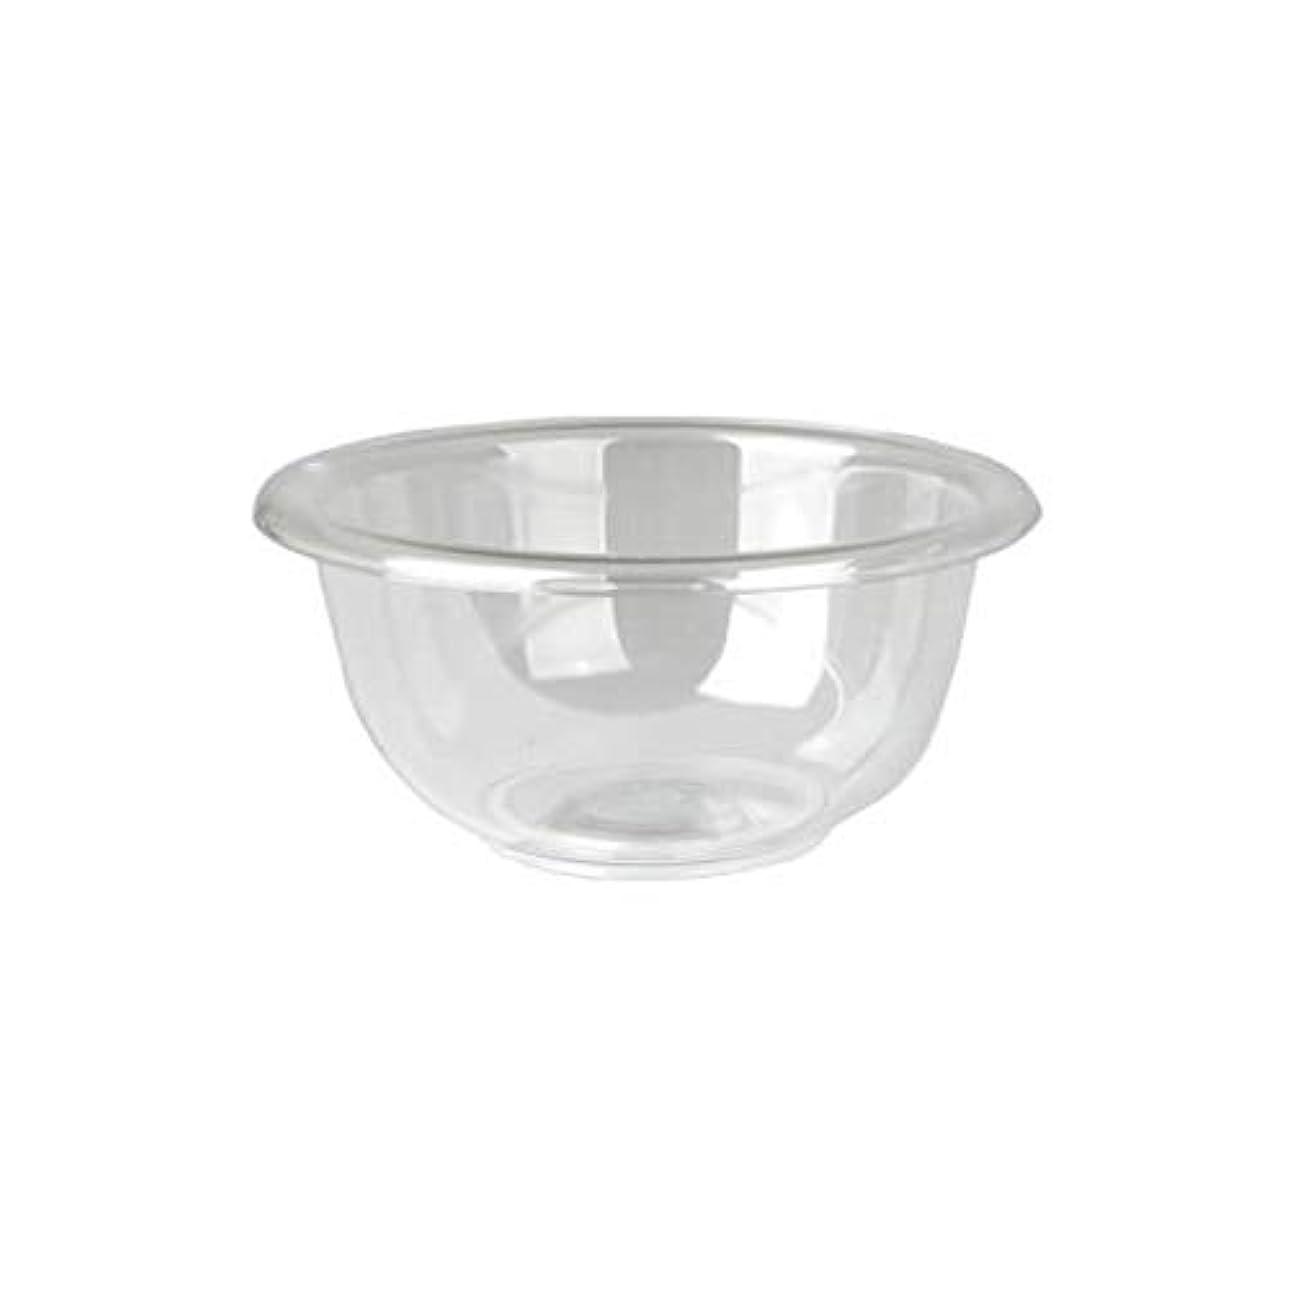 喉が渇いたカスケードロッドマイスター プラスティックボウル (Mサイズ) クリア 直径17cm [ プラスチックボール カップボウル カップボール エステ サロン プラスチック ボウル カップ 割れない ]